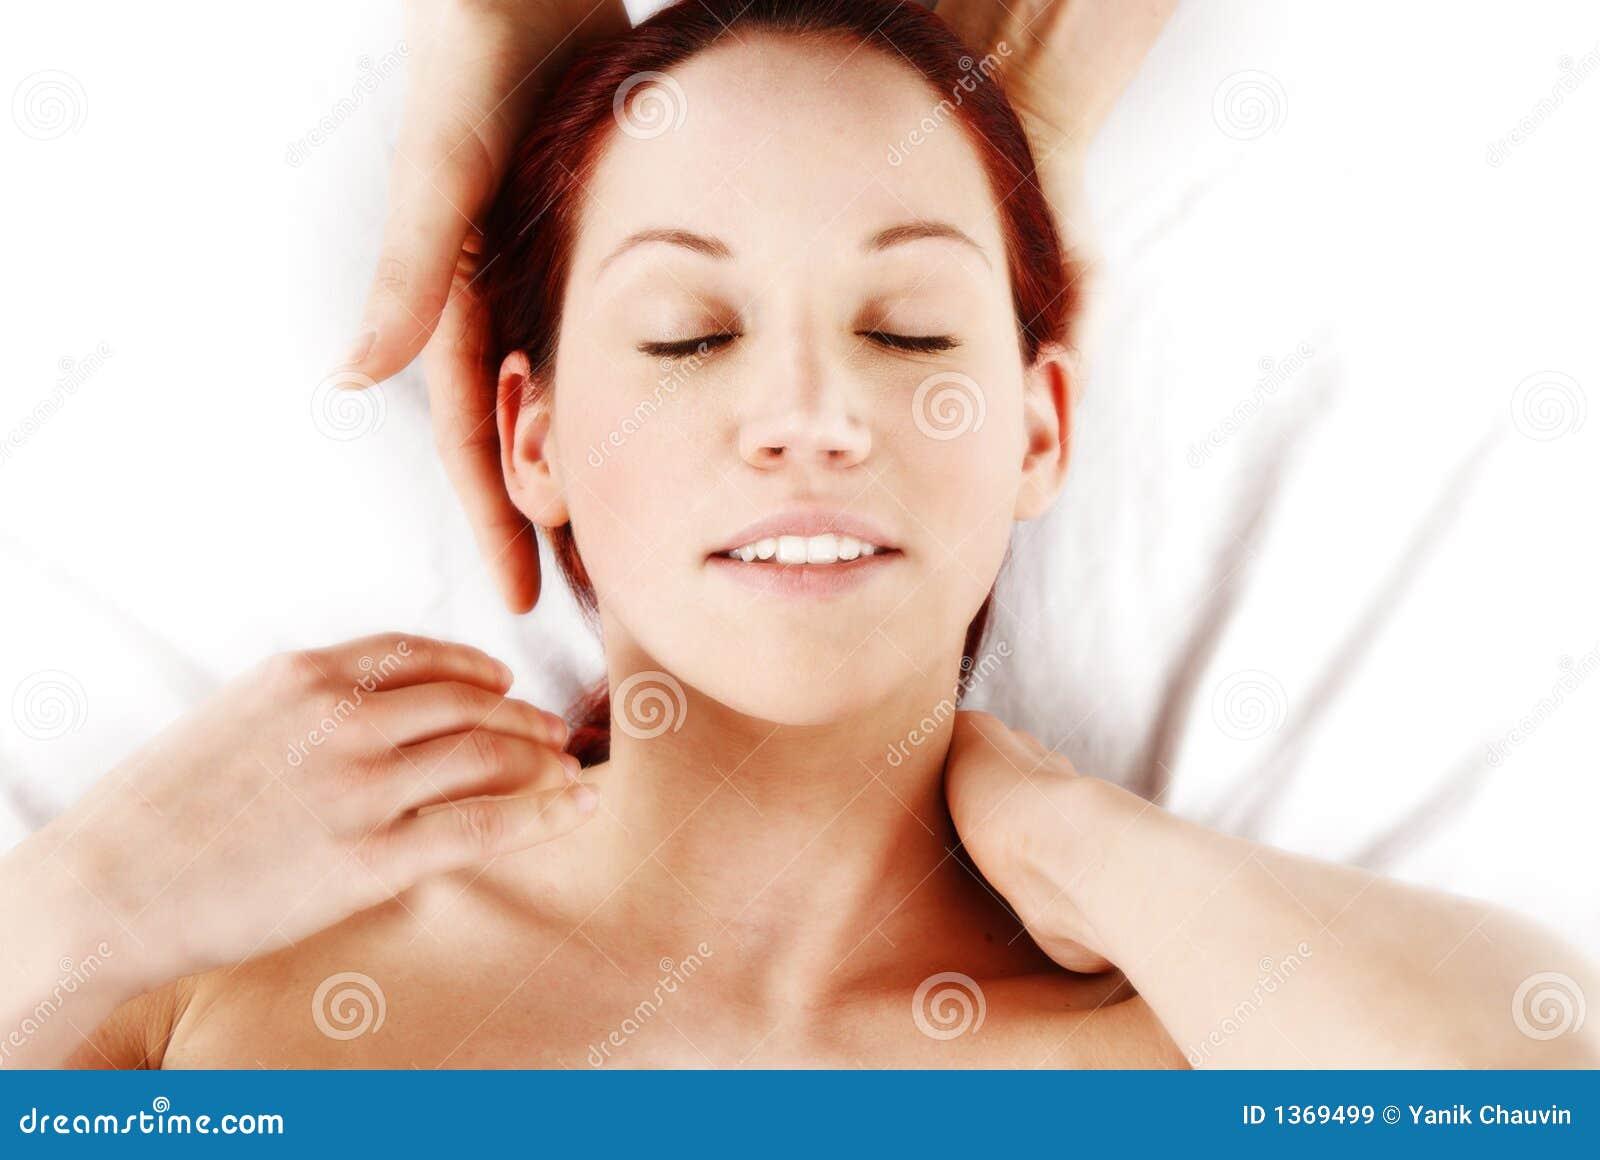 шея массажа